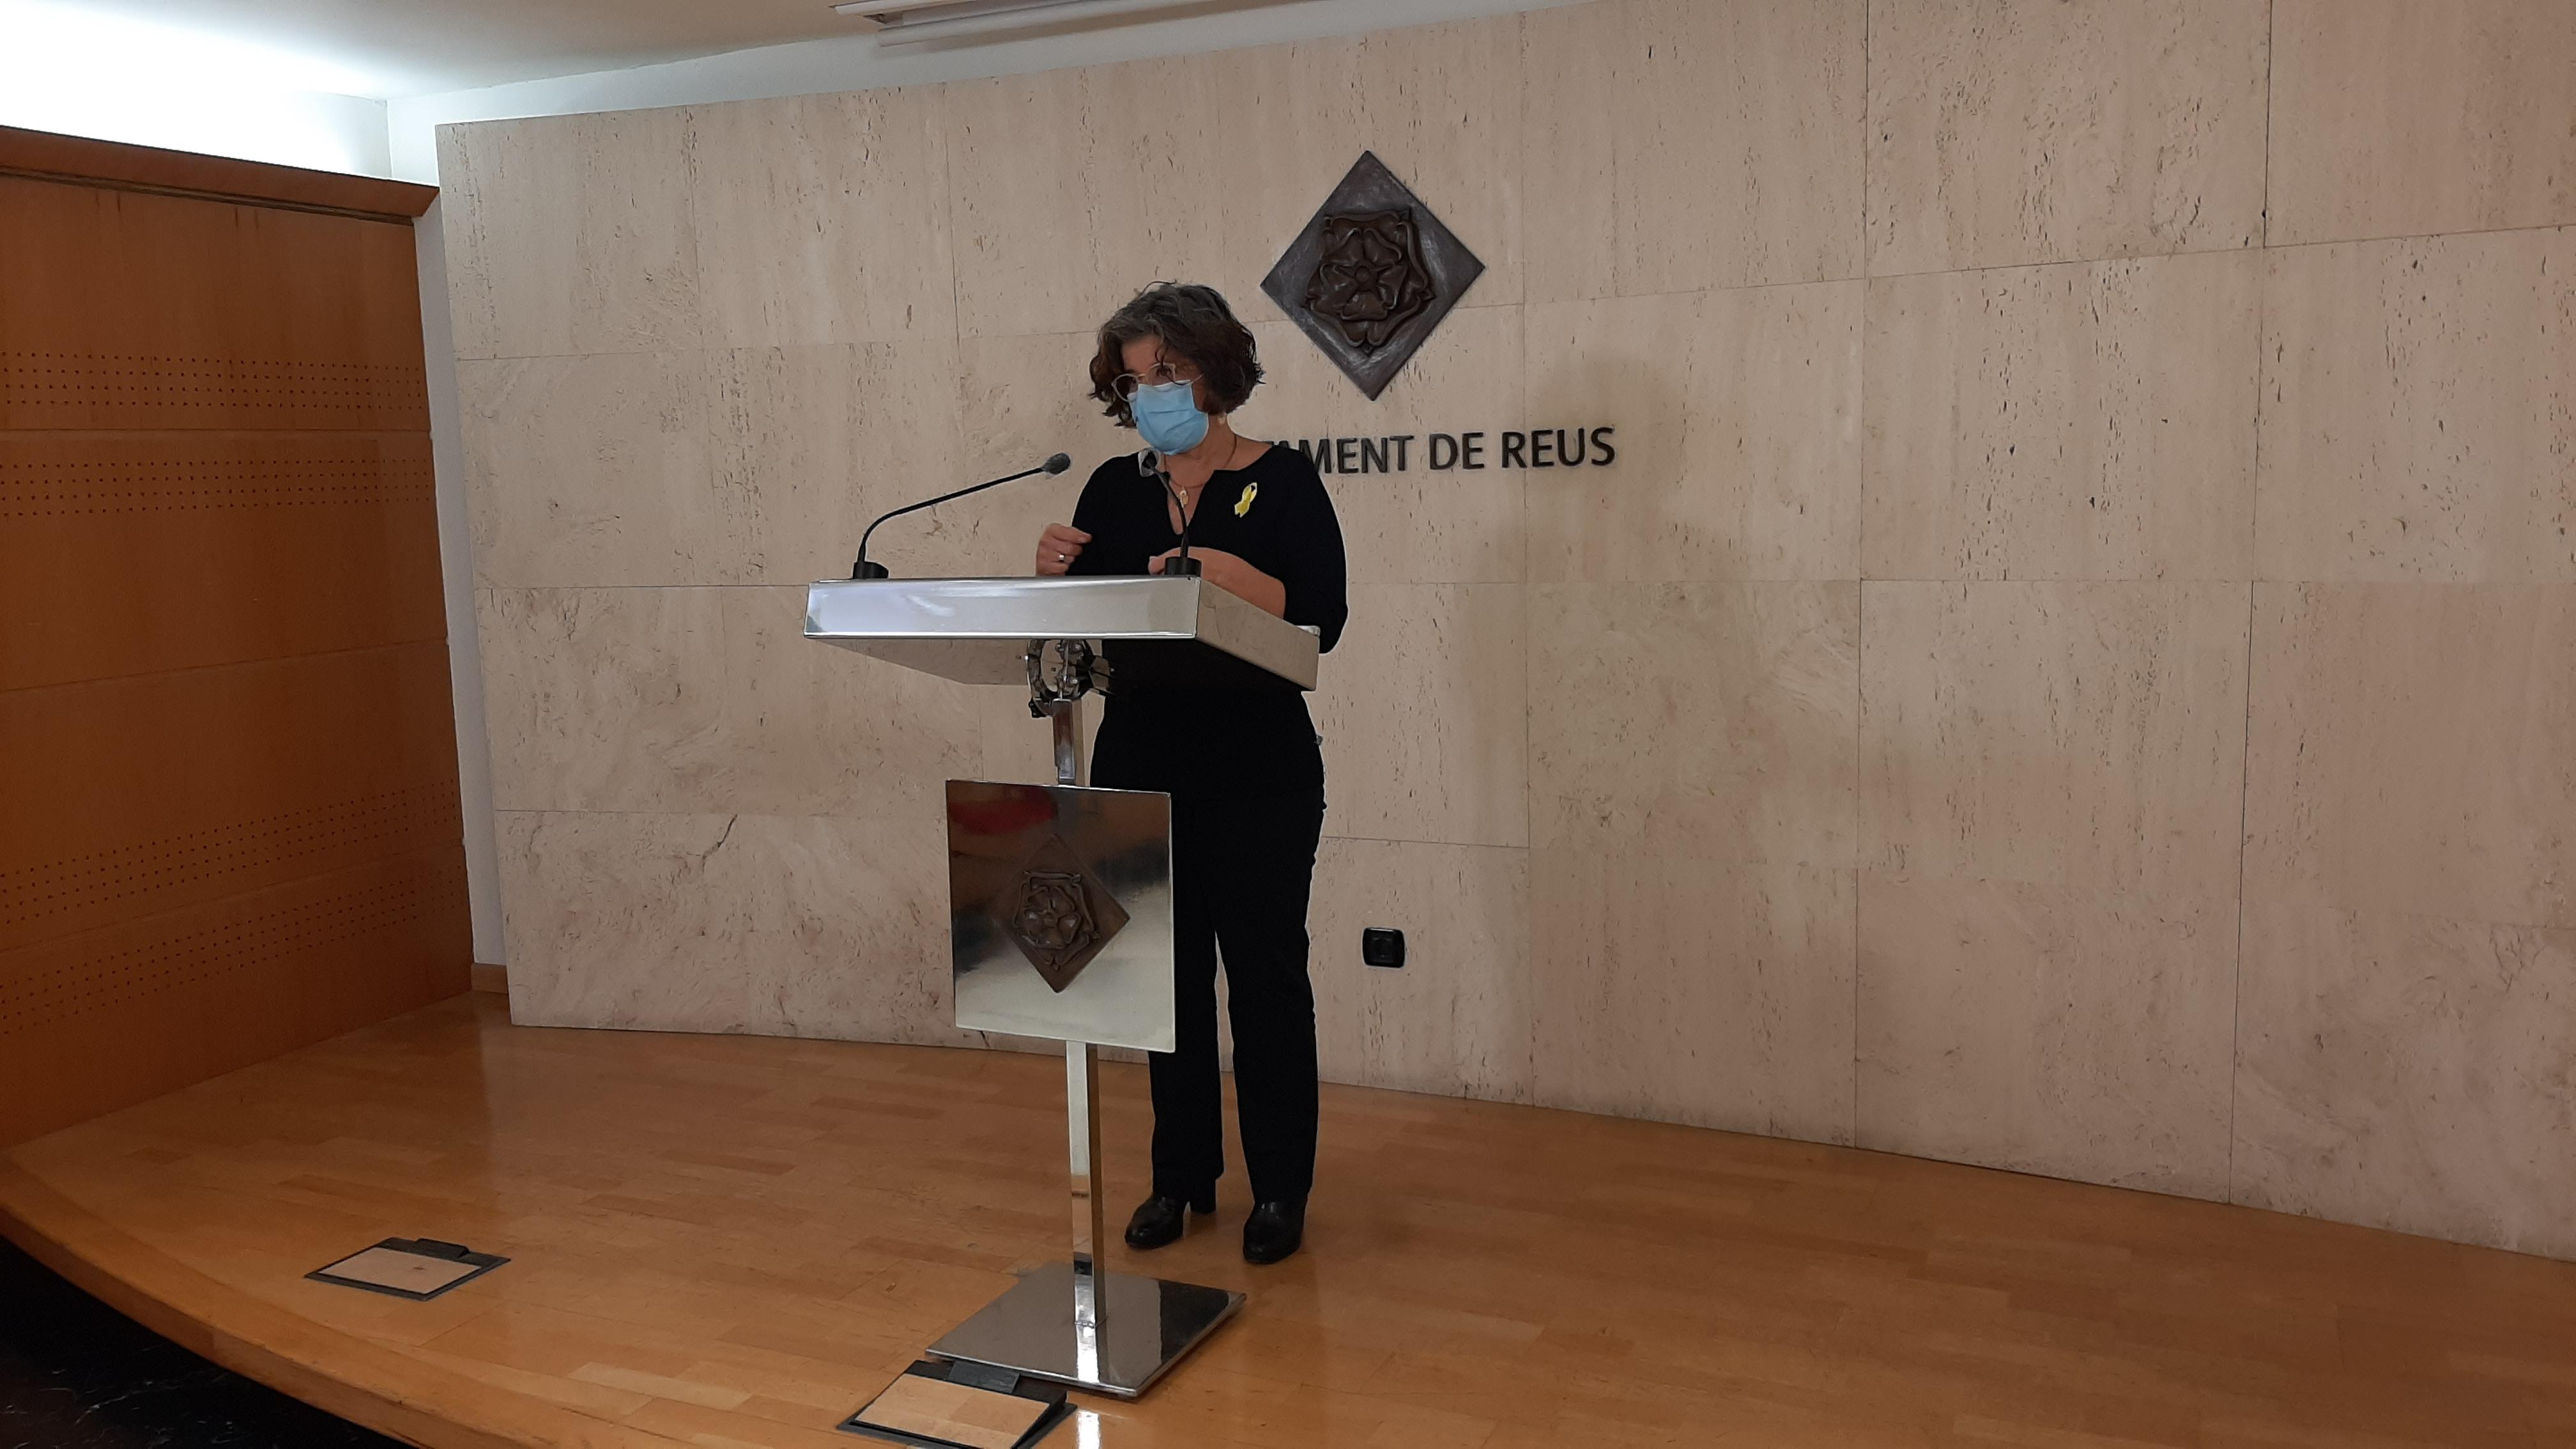 La regidoria de Benestar Social de l'Ajuntament de Reus ha reorganitzat el servei i les ajudes adreçades a la ciutadania davant la situa...